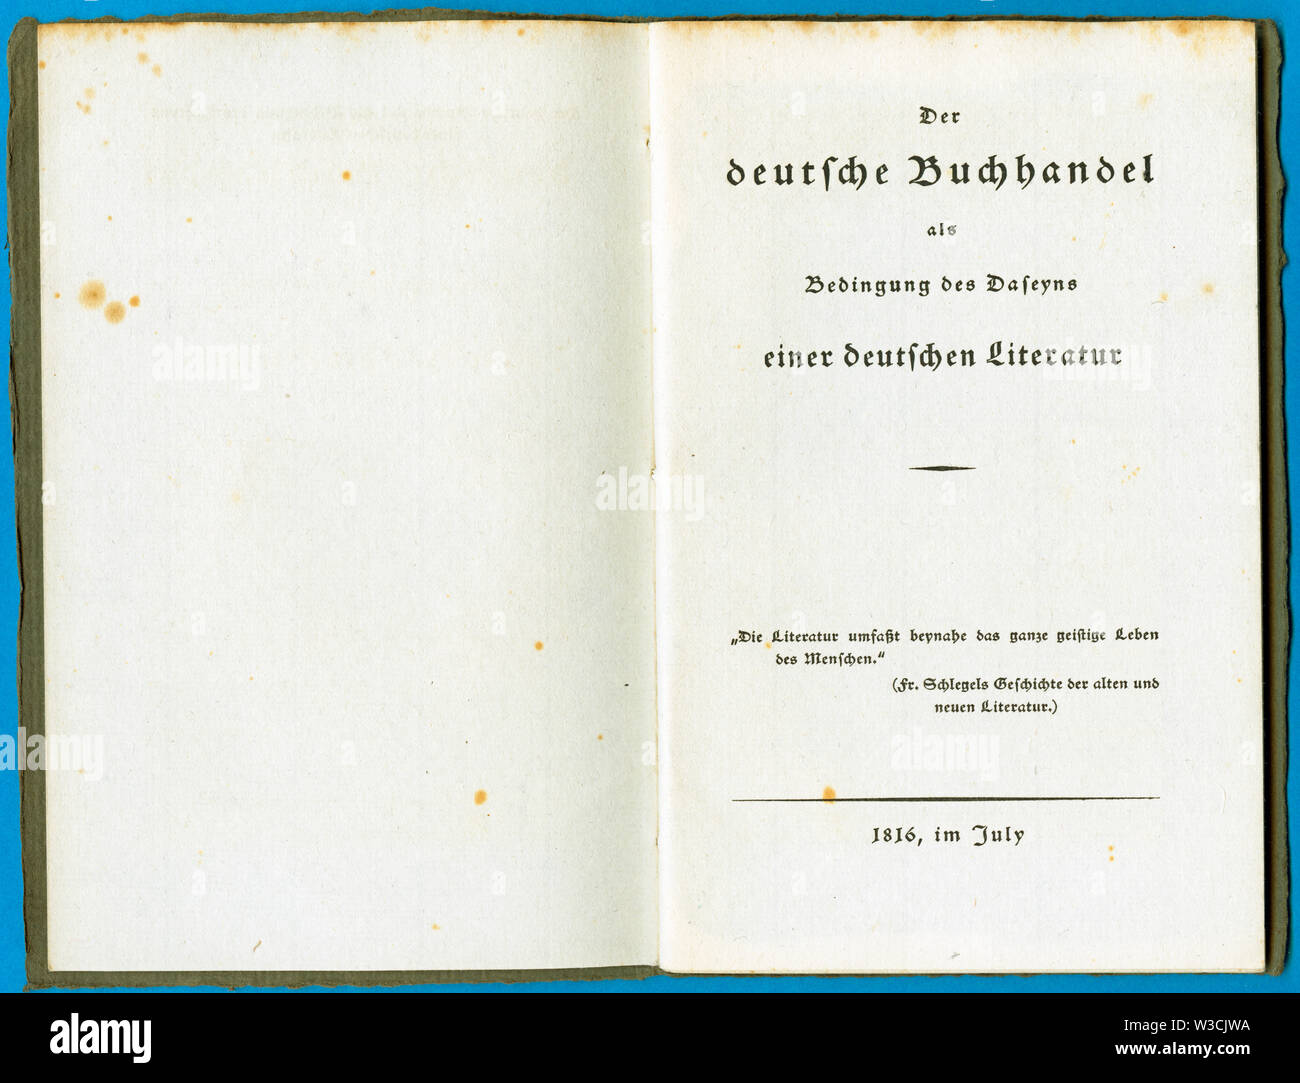 Deutschland, Broschüre ' Der deutsche Buchhandel als Bedingung des Daseyns einer deutschen Literatur ',  30 Seiten , herausgegeben im July 1816. / Ger - Stock Image